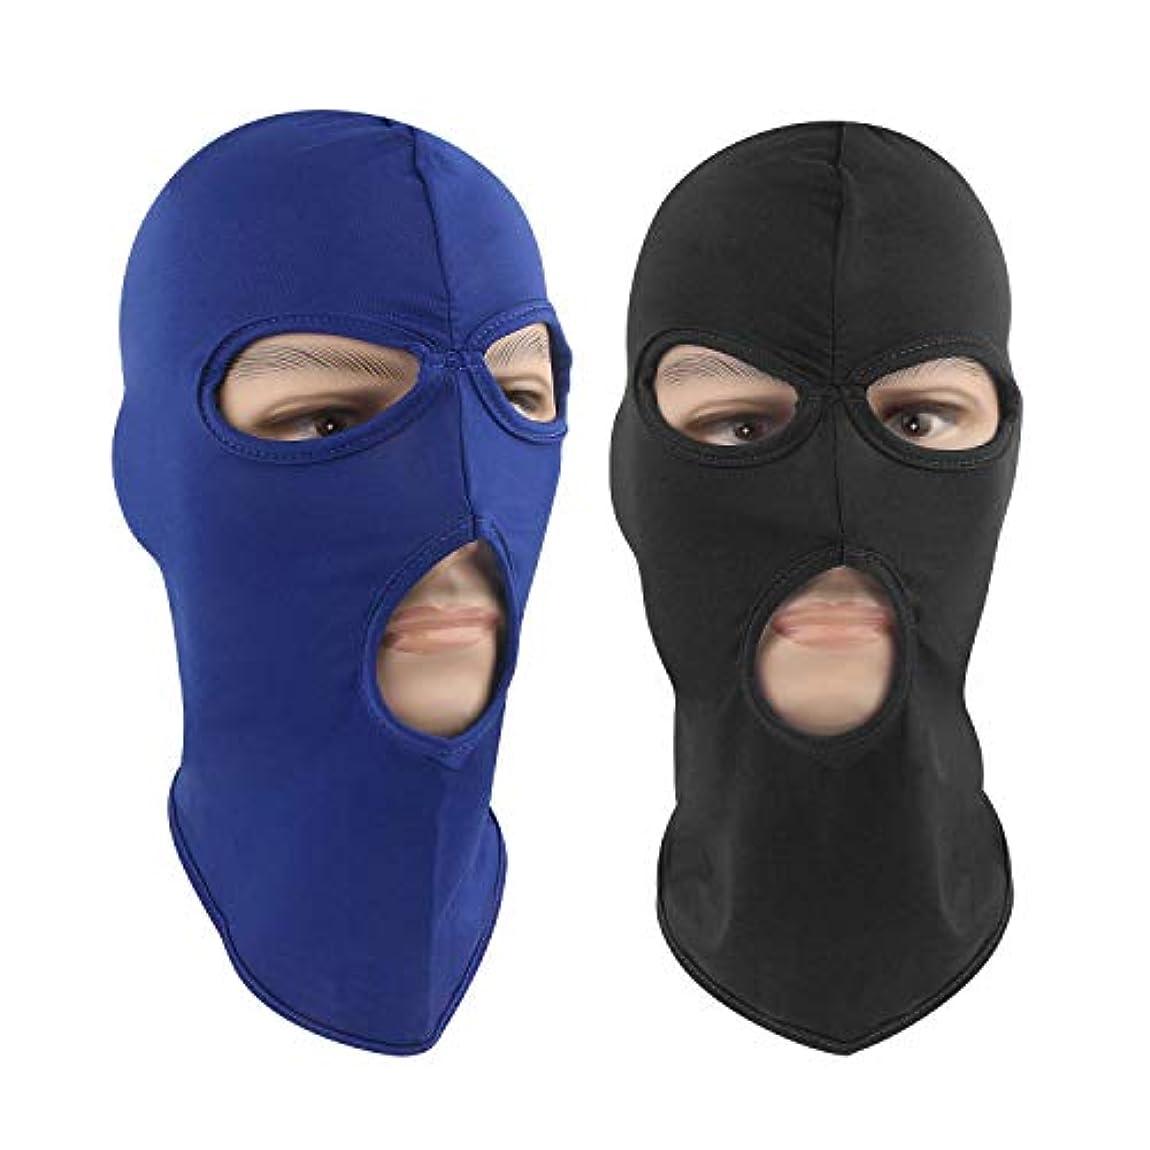 シビックマーティフィールディング記事バラクラバマスク3ホール式 伸縮速乾 柔軟軽量 保温通気 UVカット 防風 フルフェイスマスク,ブラック+ブルー,2個